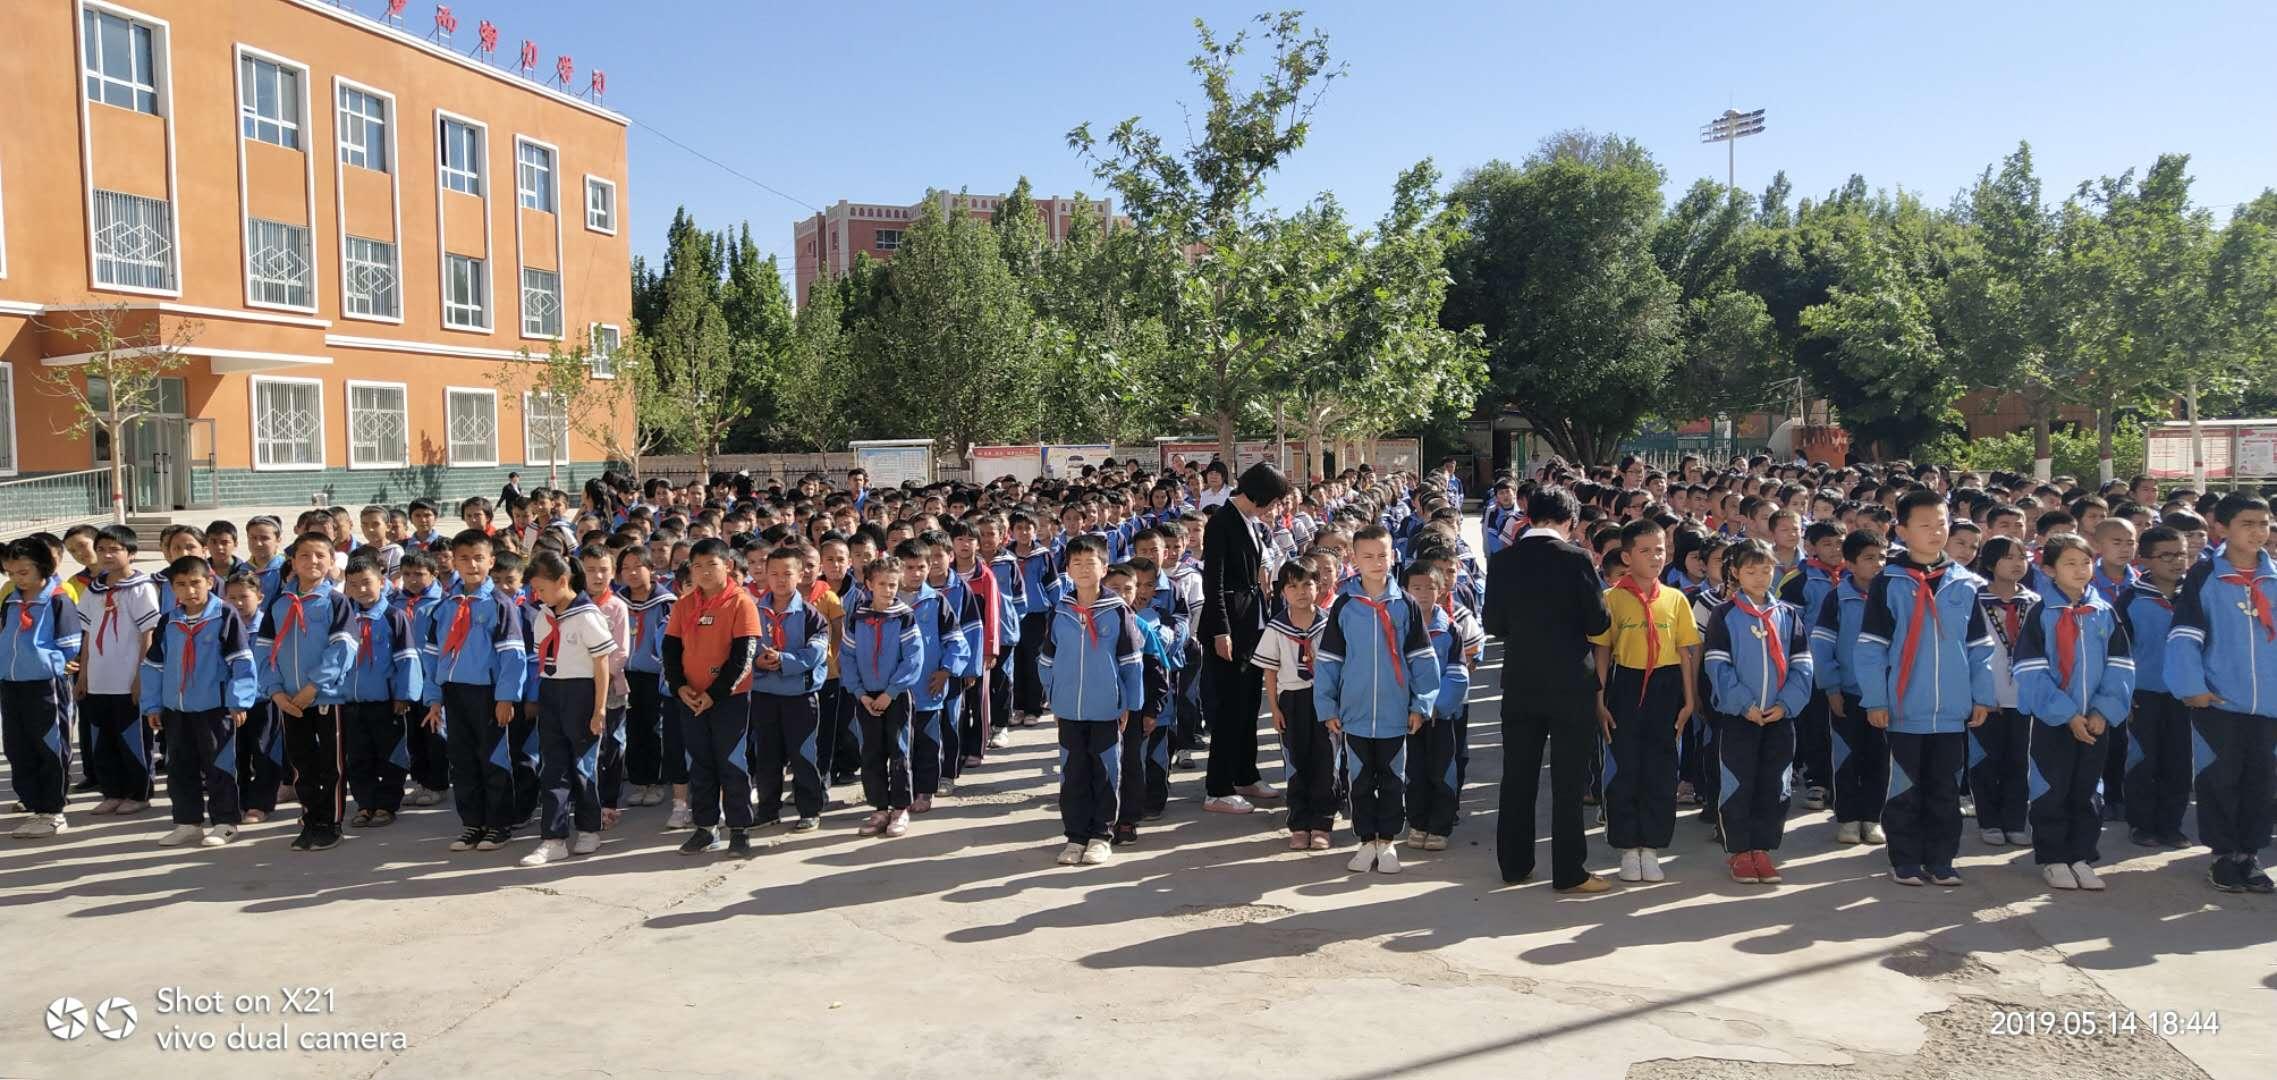 喀什疏附县第二小学开展消防安全培训